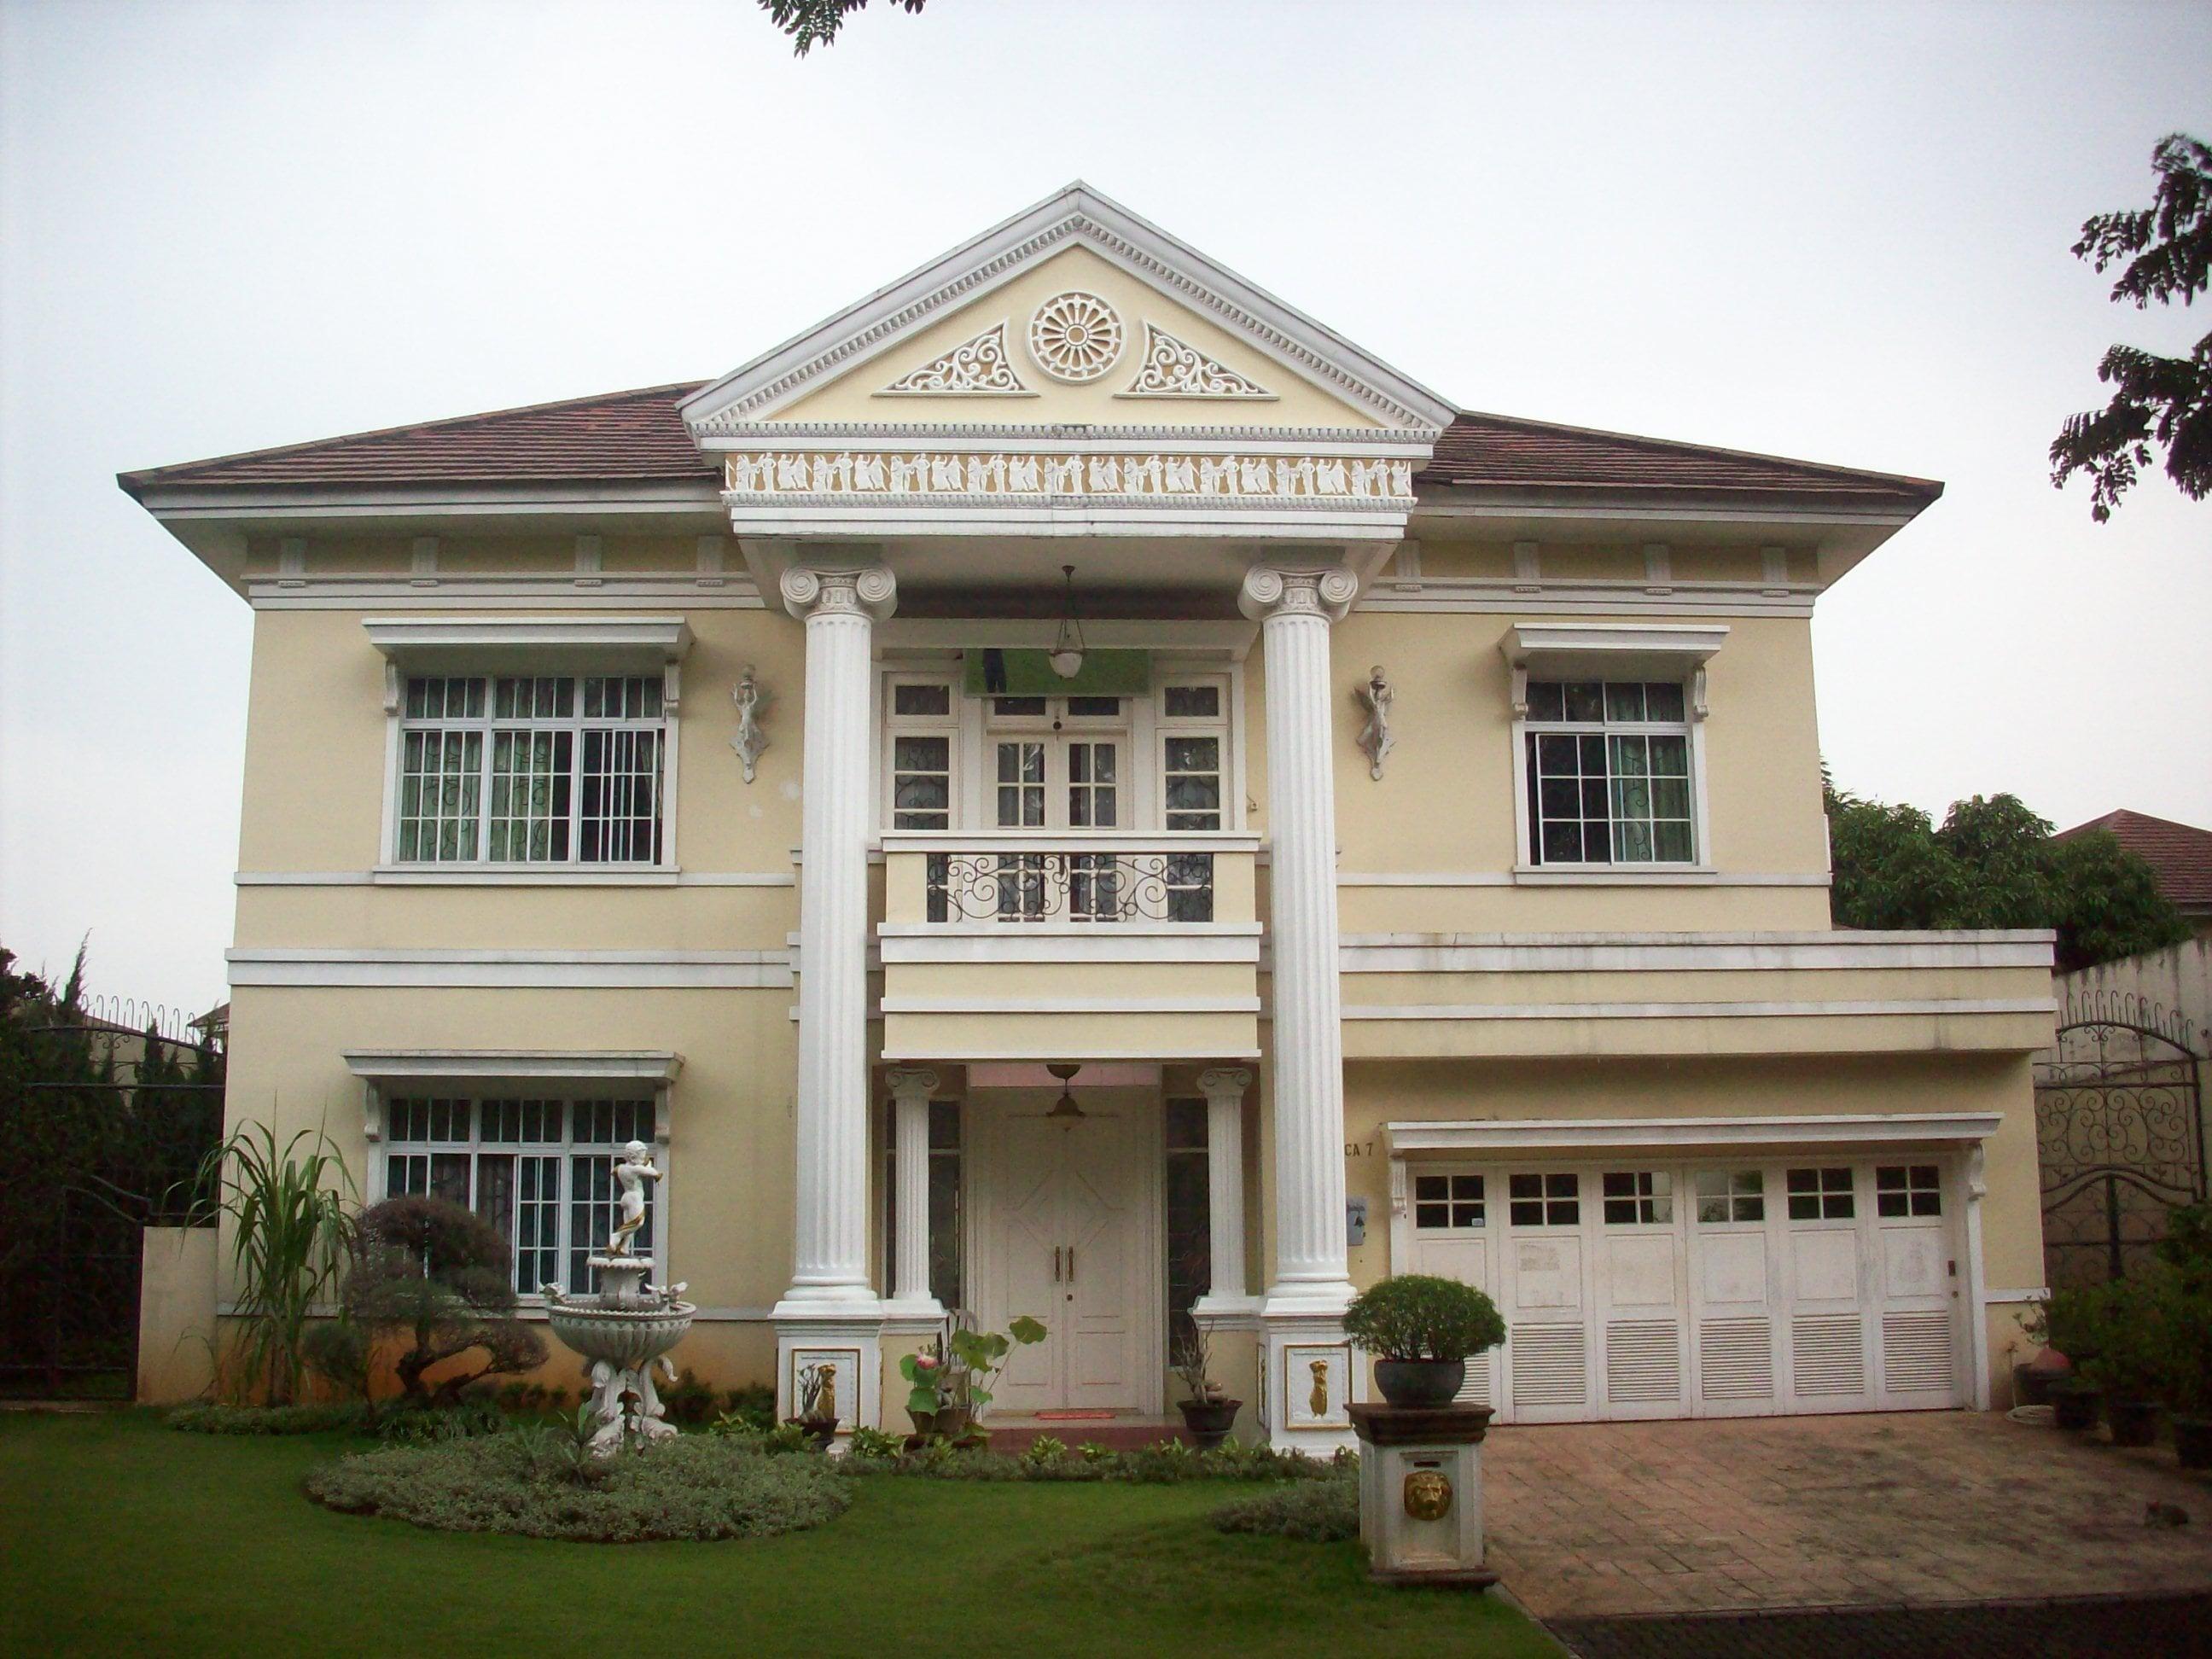 62 Arsitektur Desain Rumah Mewah Fizo Omar Kreatif Banget Deh